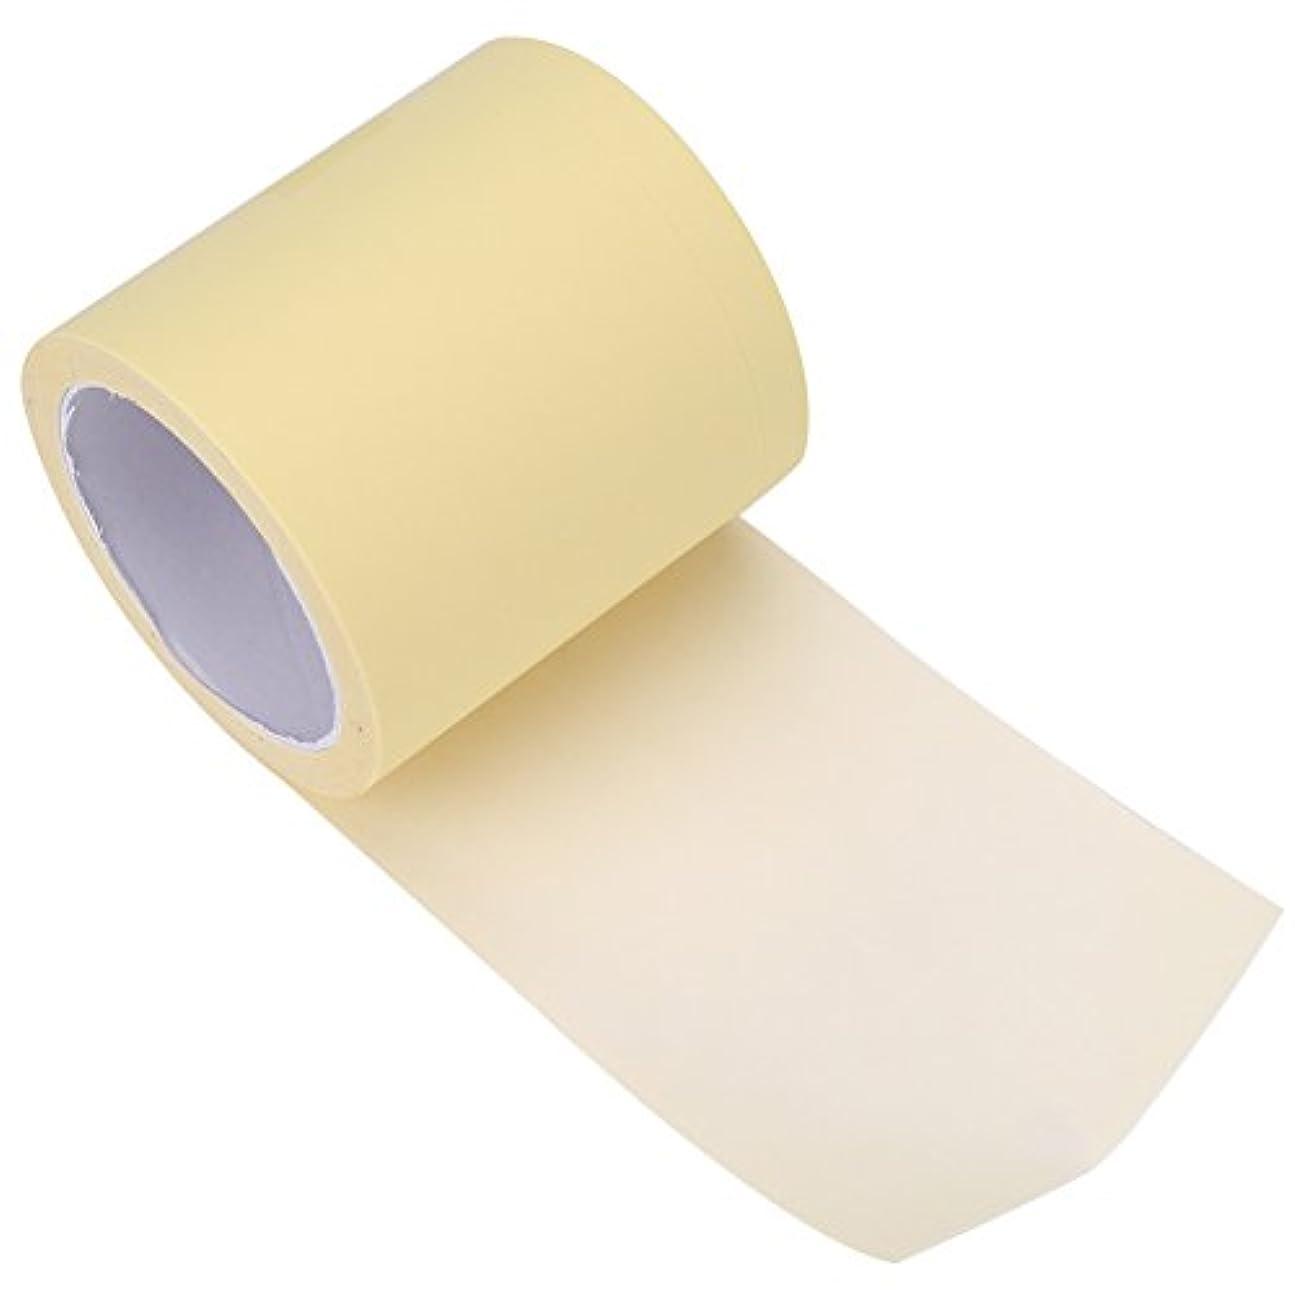 マダム雄大なテーブル汗止めパッド 脇の下 汗パッド 汗とりシート ワキに直接貼る汗取りパッド 脇の汗染み防止 ロールタイプ 皮膚に優しい 抗菌加工 男女兼用 透明